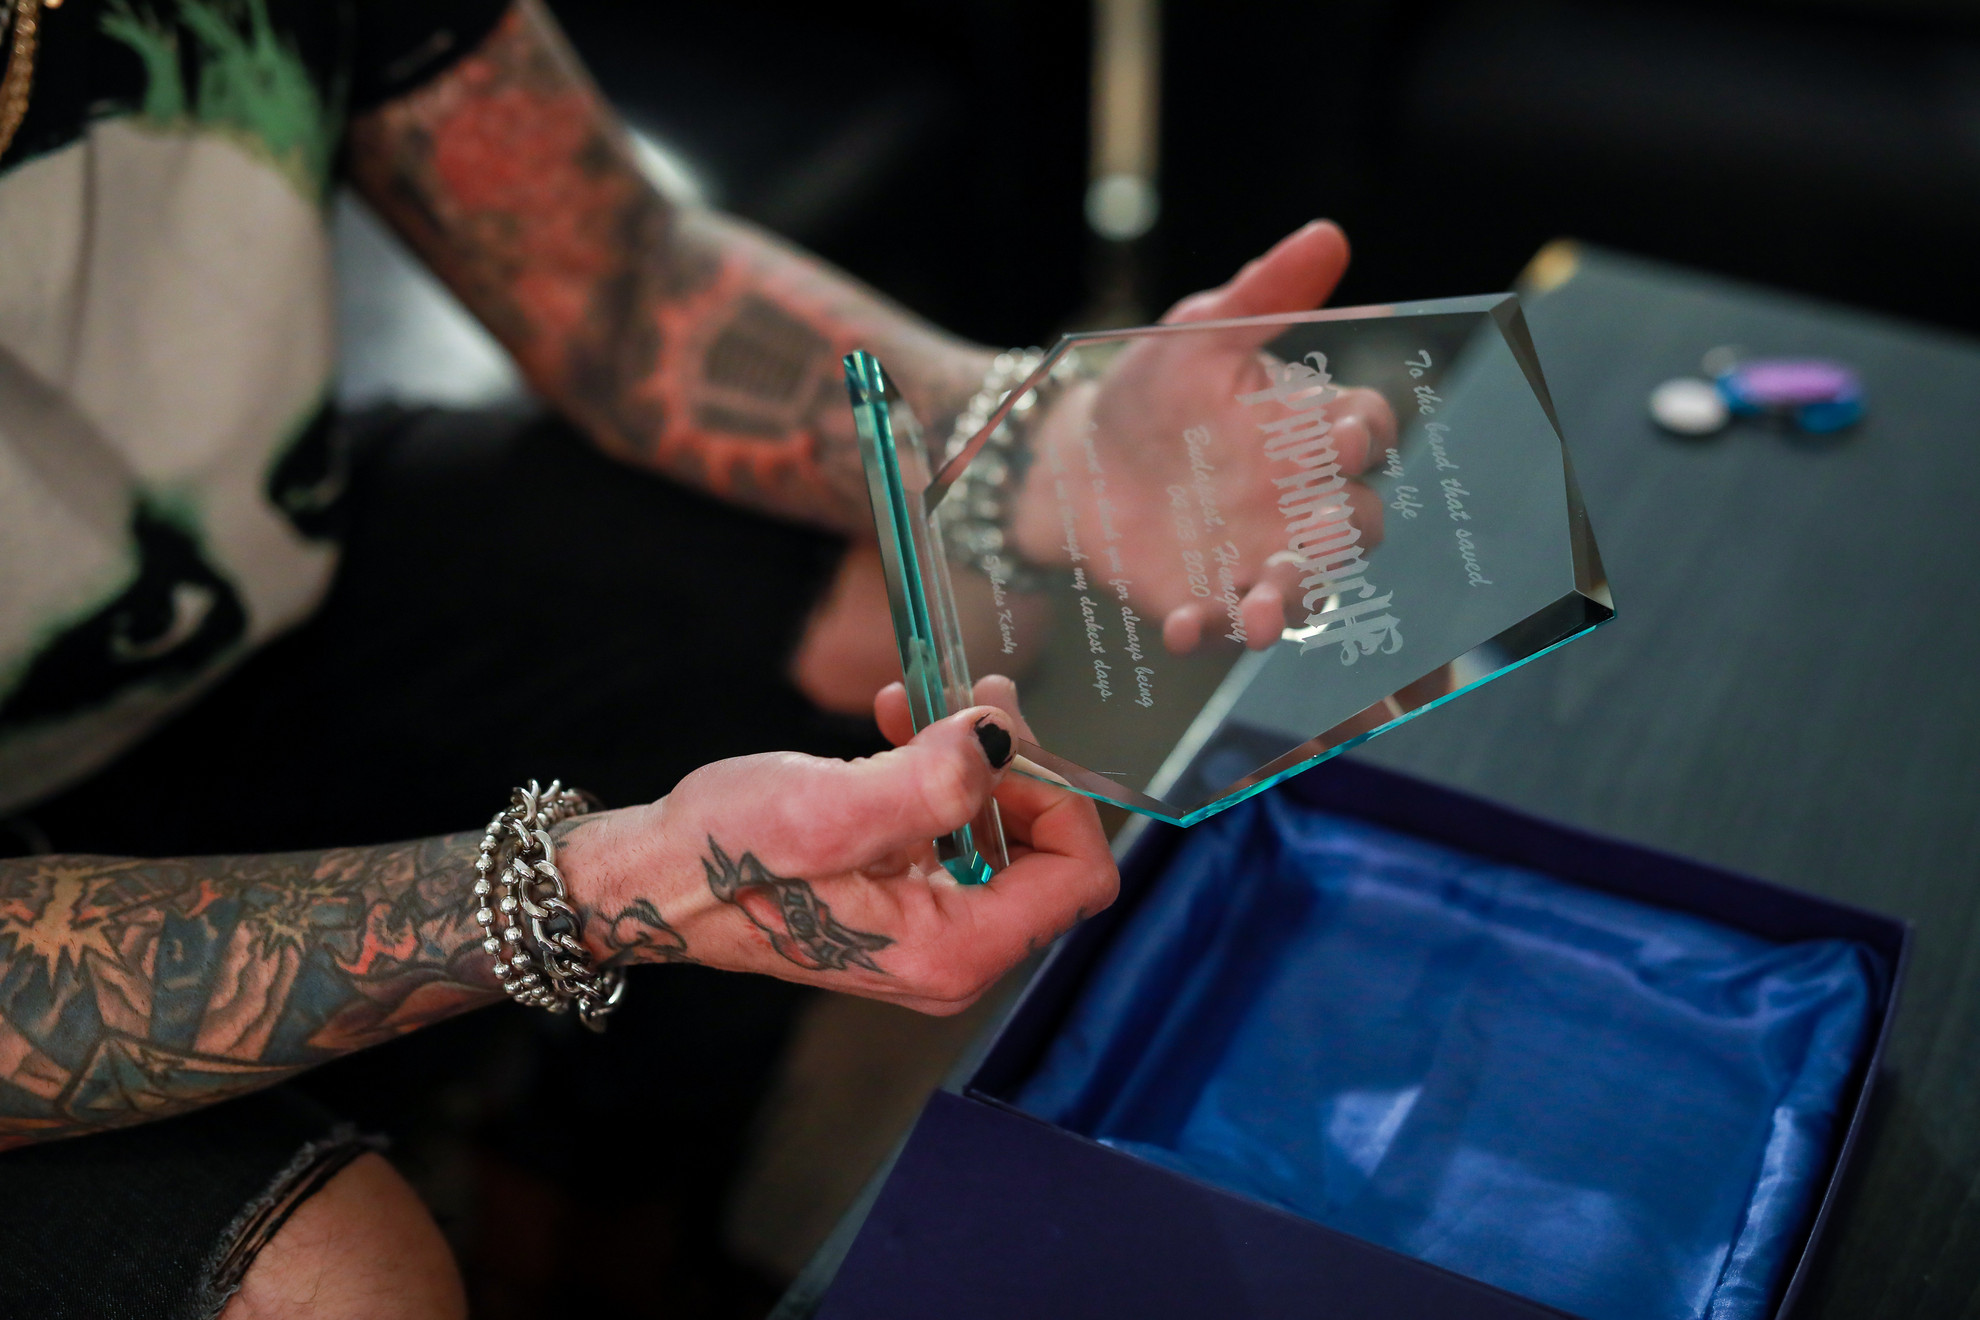 Egy magyar rajongó különleges ajándékkal köszönte meg a Papa Roachnak, hogy megmentették az életét